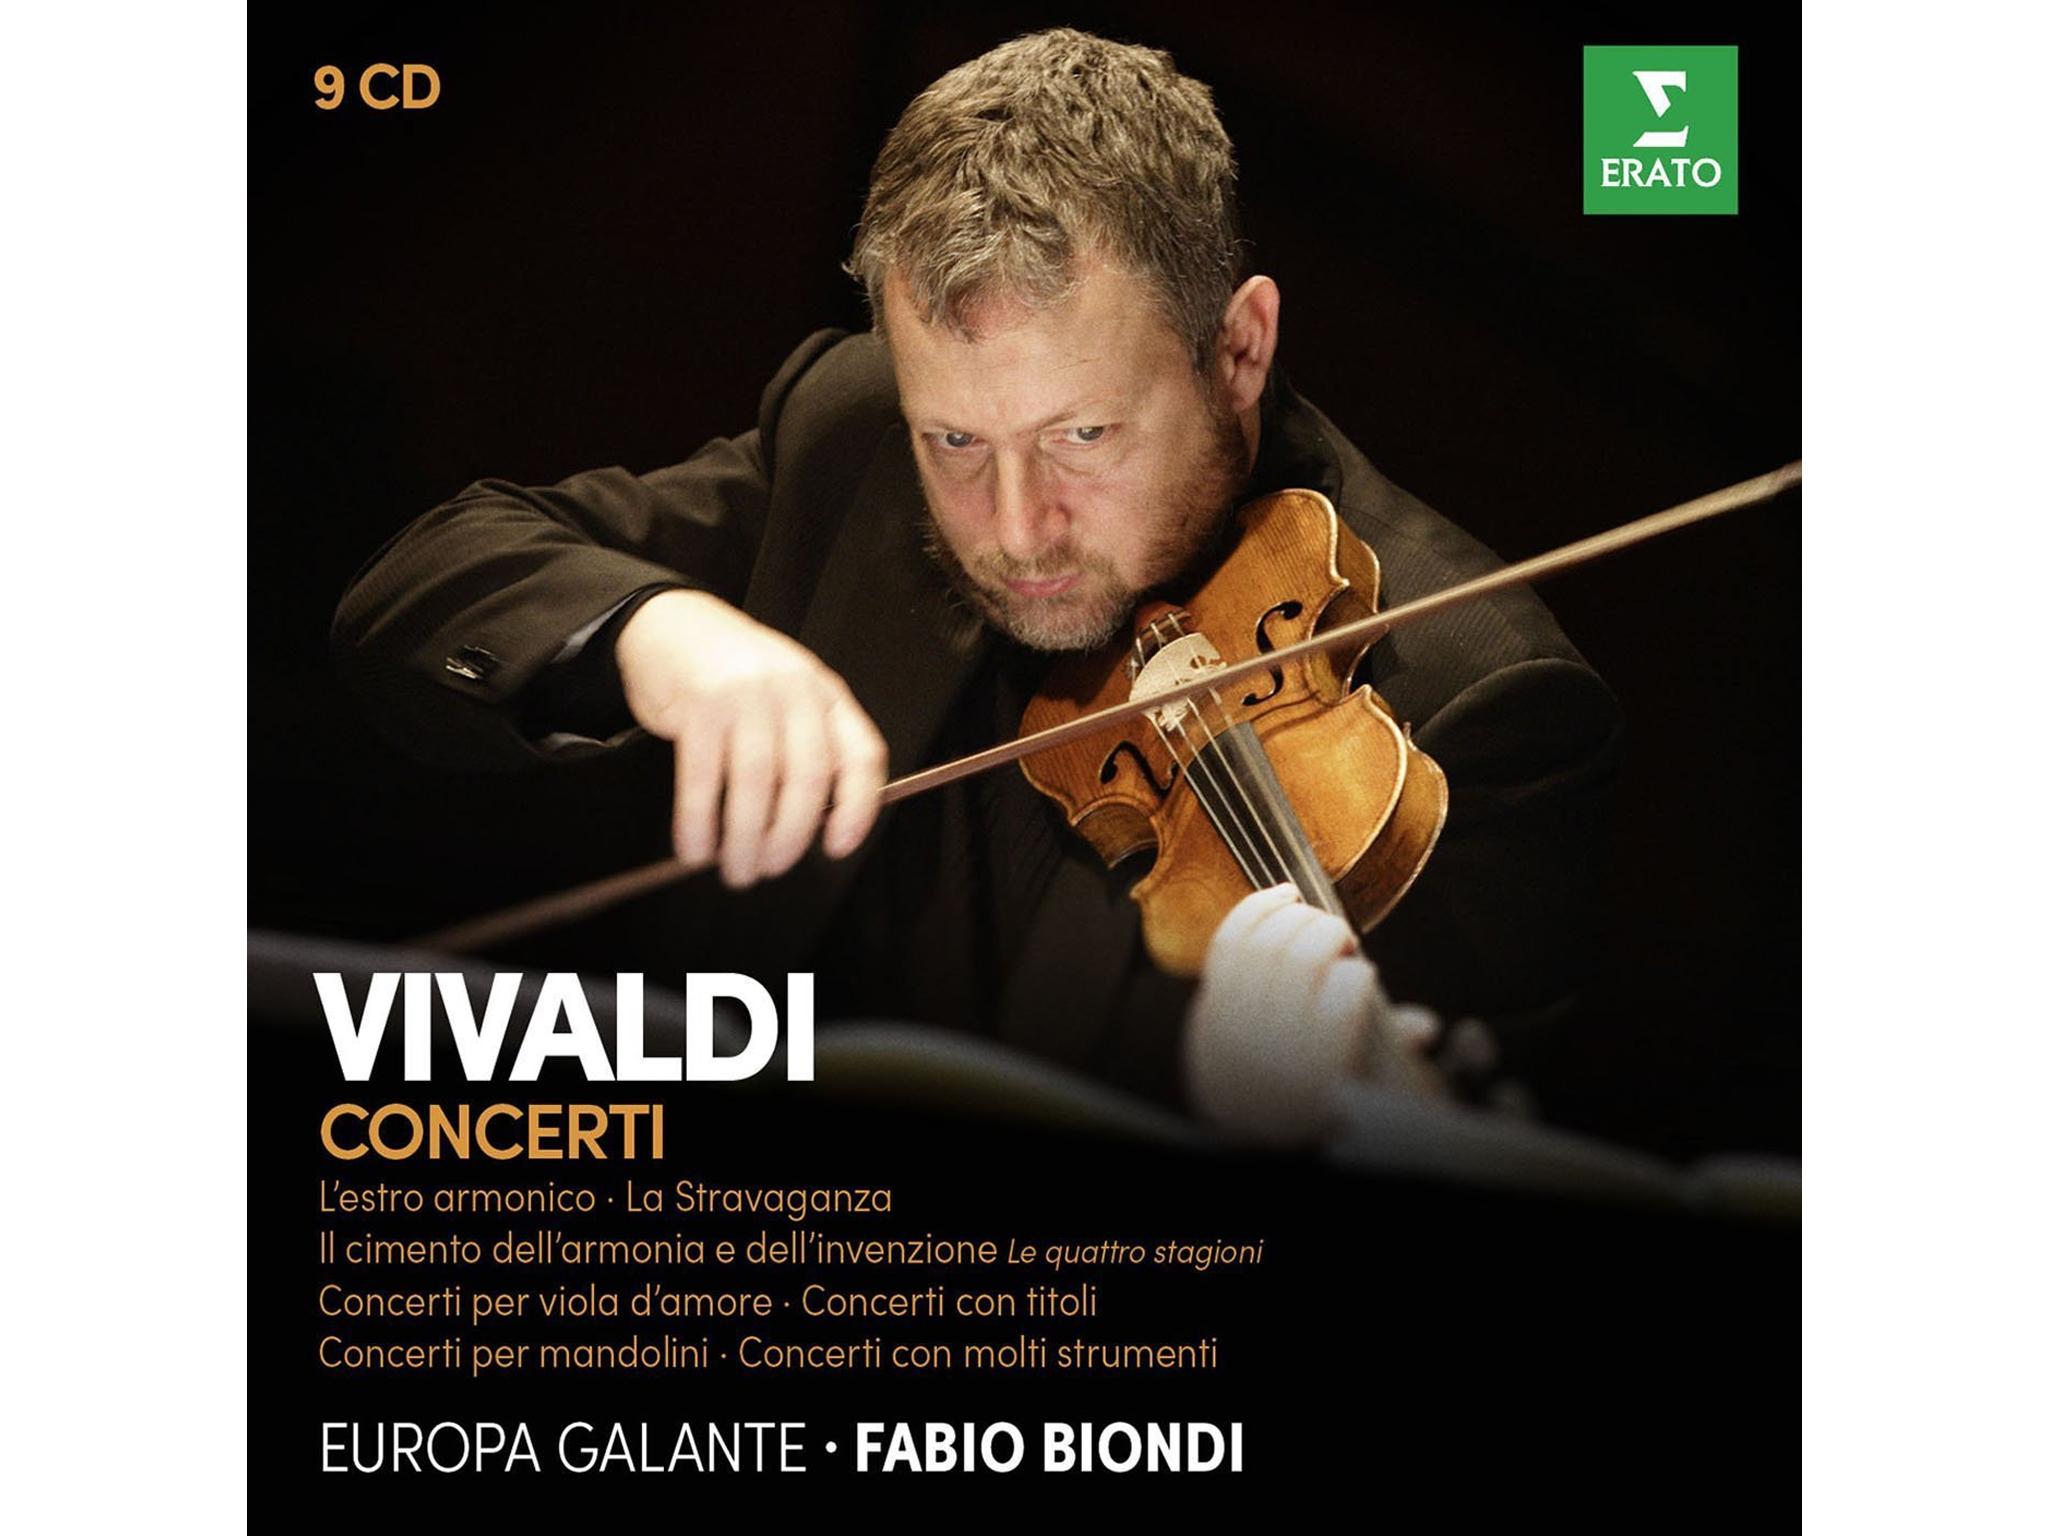 Vivaldi: Fabio Biondi